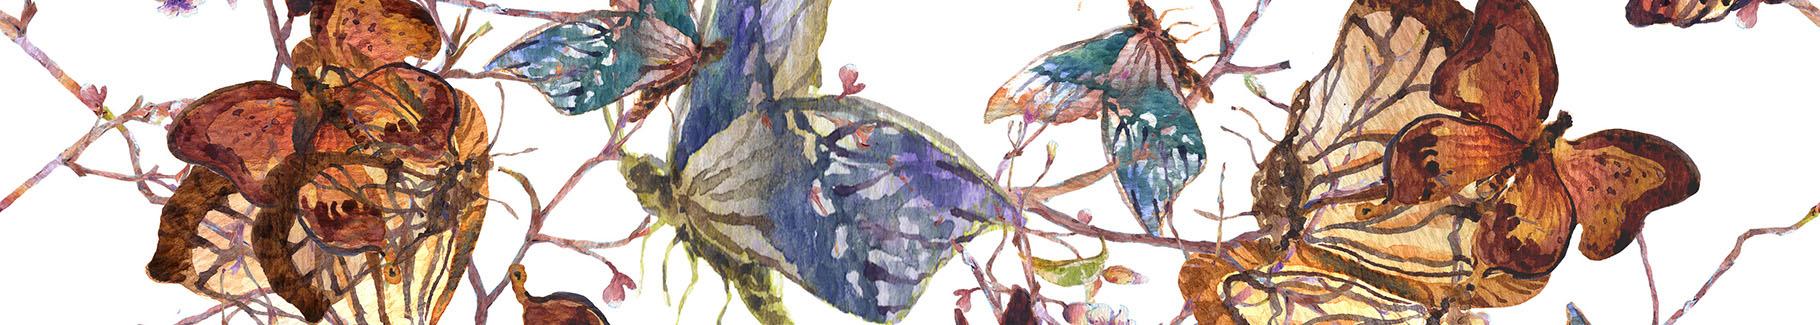 Fototapeta motyle wśród kwiatów